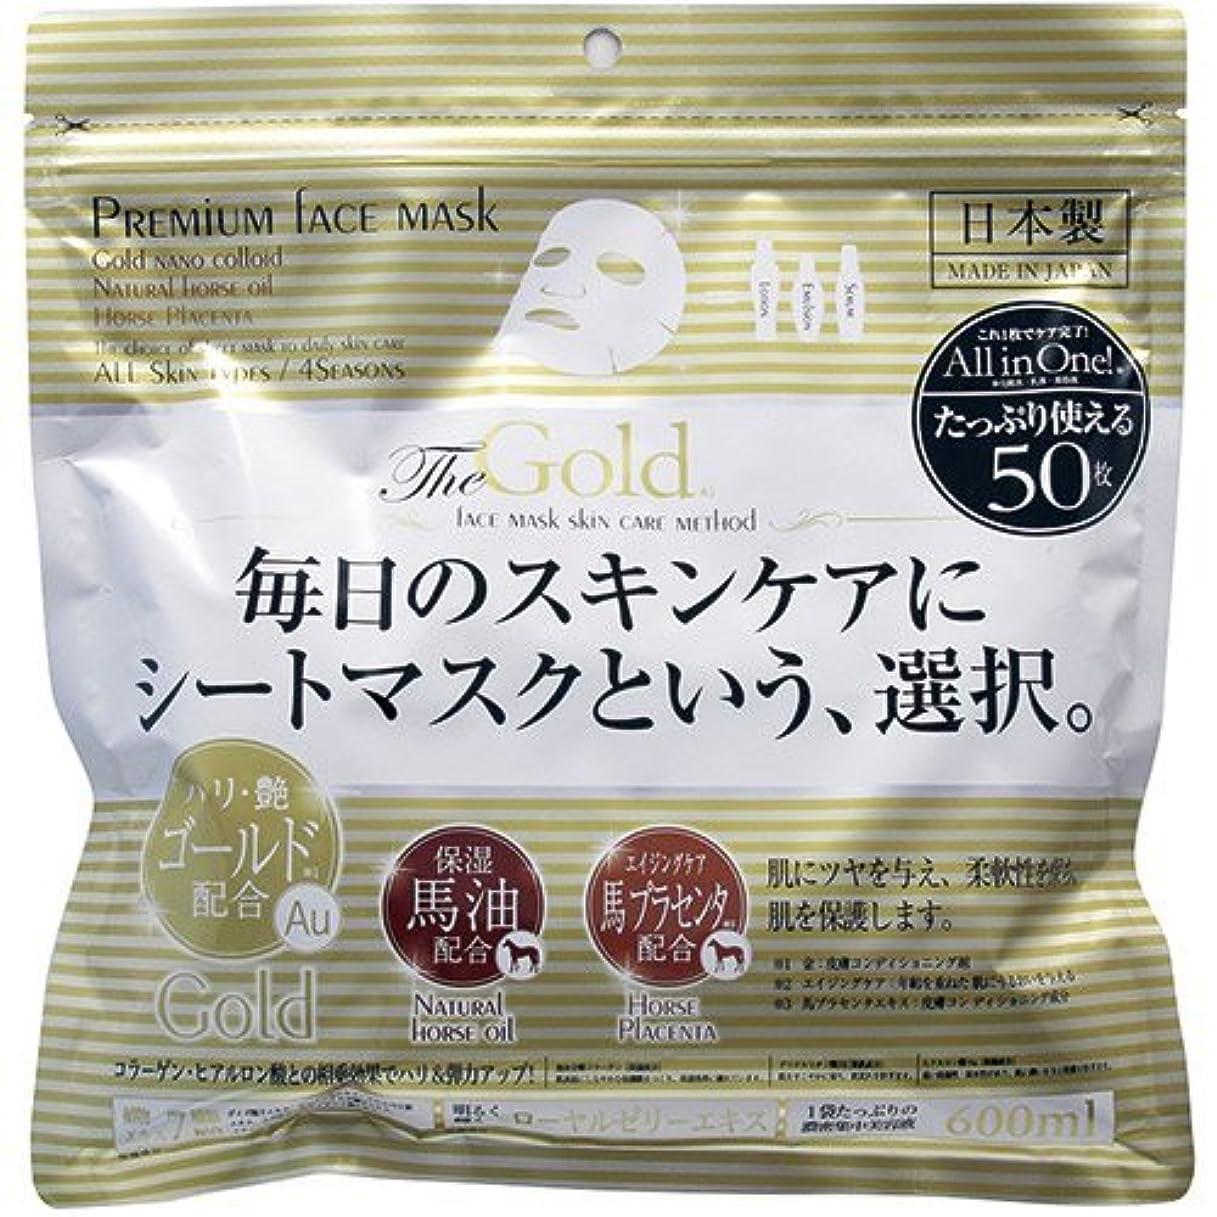 バスケットボールブリードランチ【進製作所】プレミアムフェイスマスク ゴールド 50枚 ×5個セット